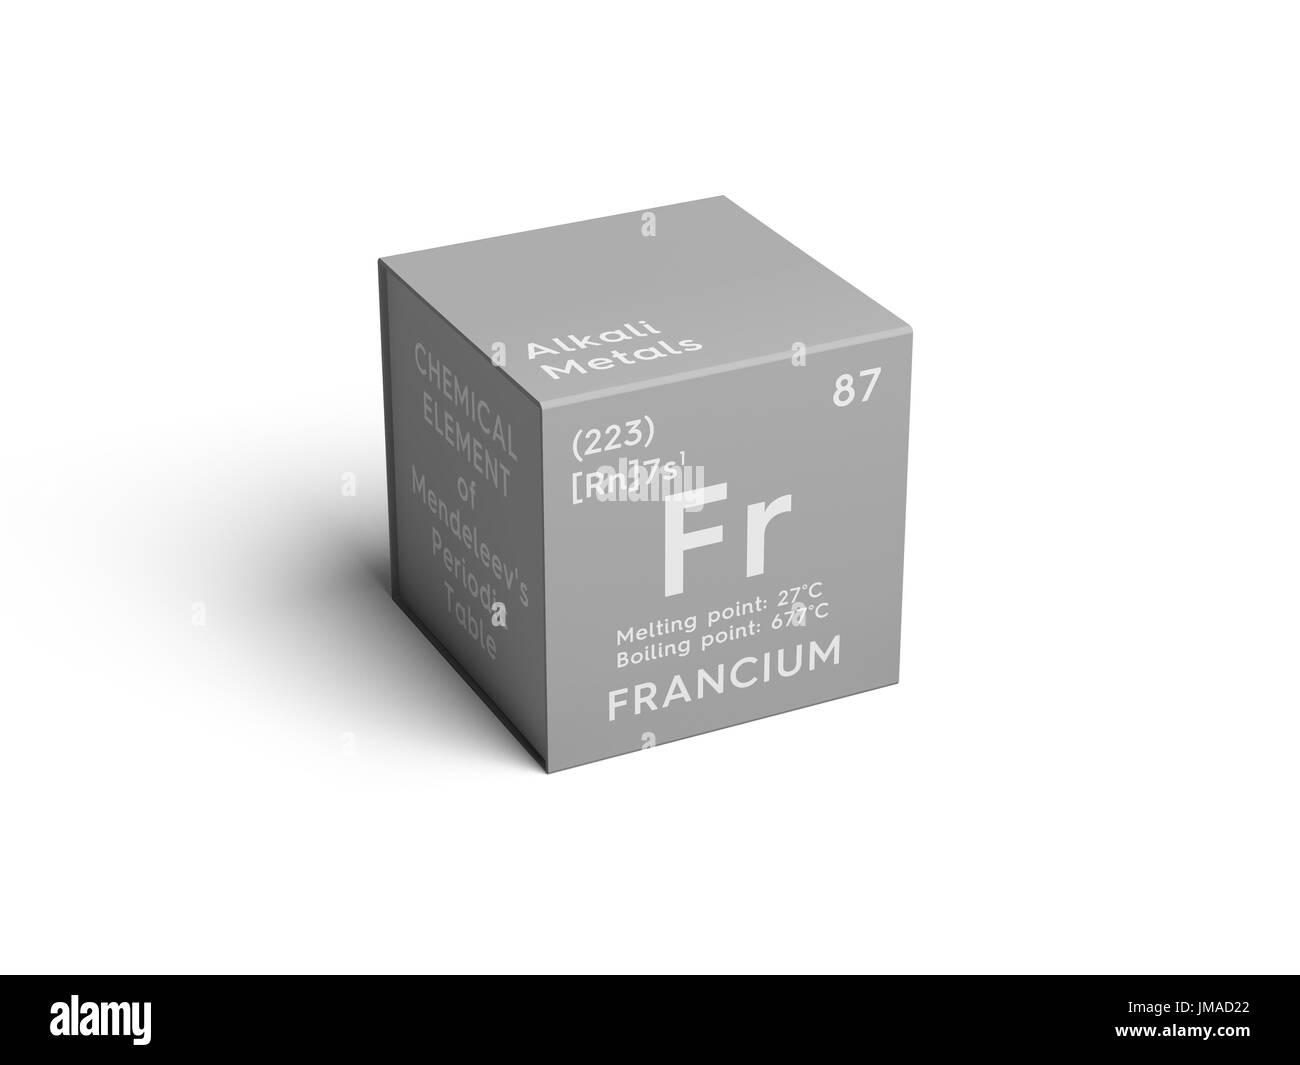 Francio metales alcalinos elemento qumico de la tabla peridica metales alcalinos elemento qumico de la tabla peridica de mendeleyev francio en square cube concepto creativo urtaz Gallery